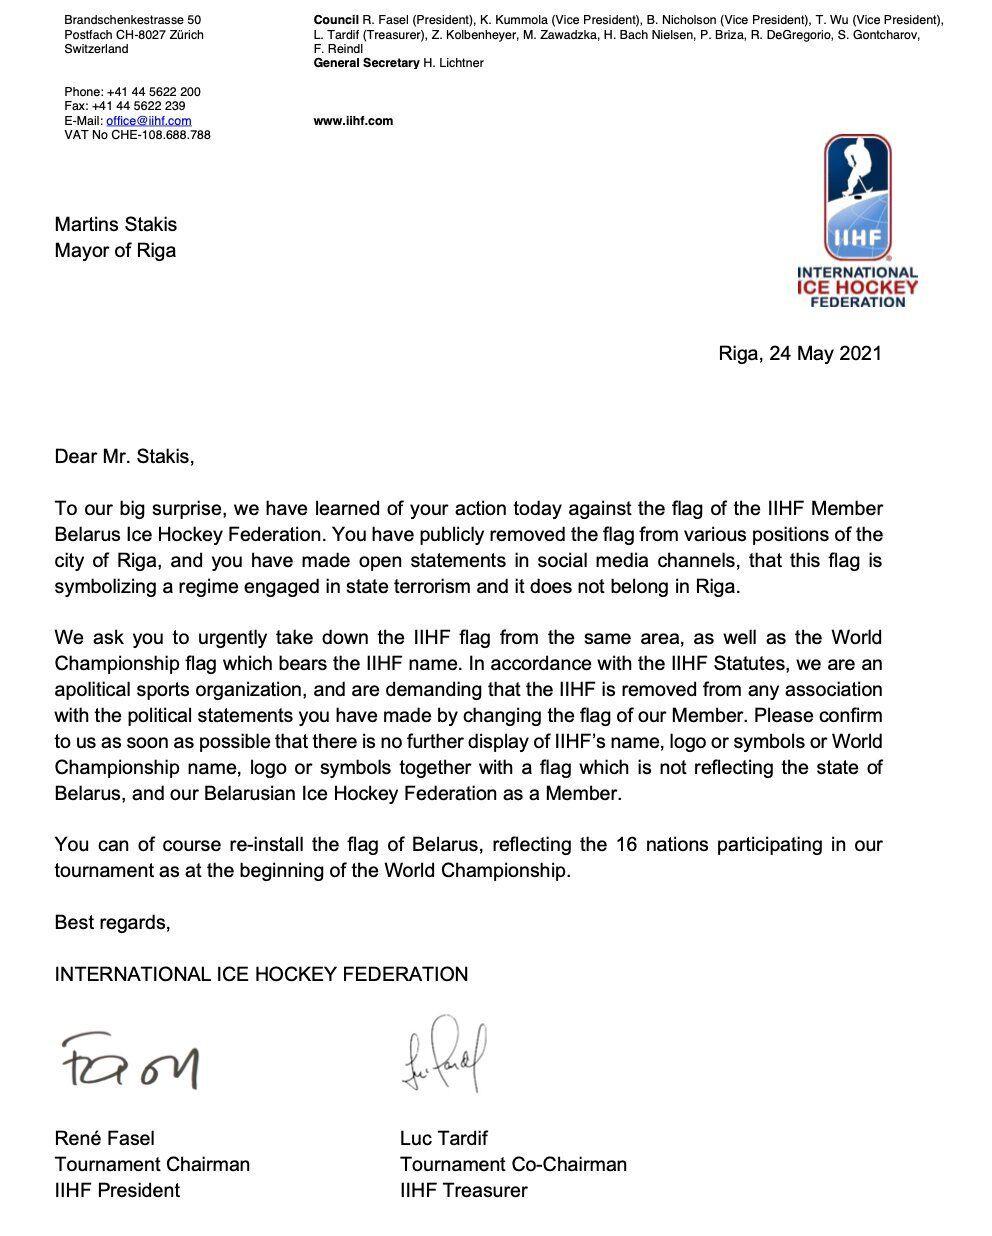 Письмо IIHF.